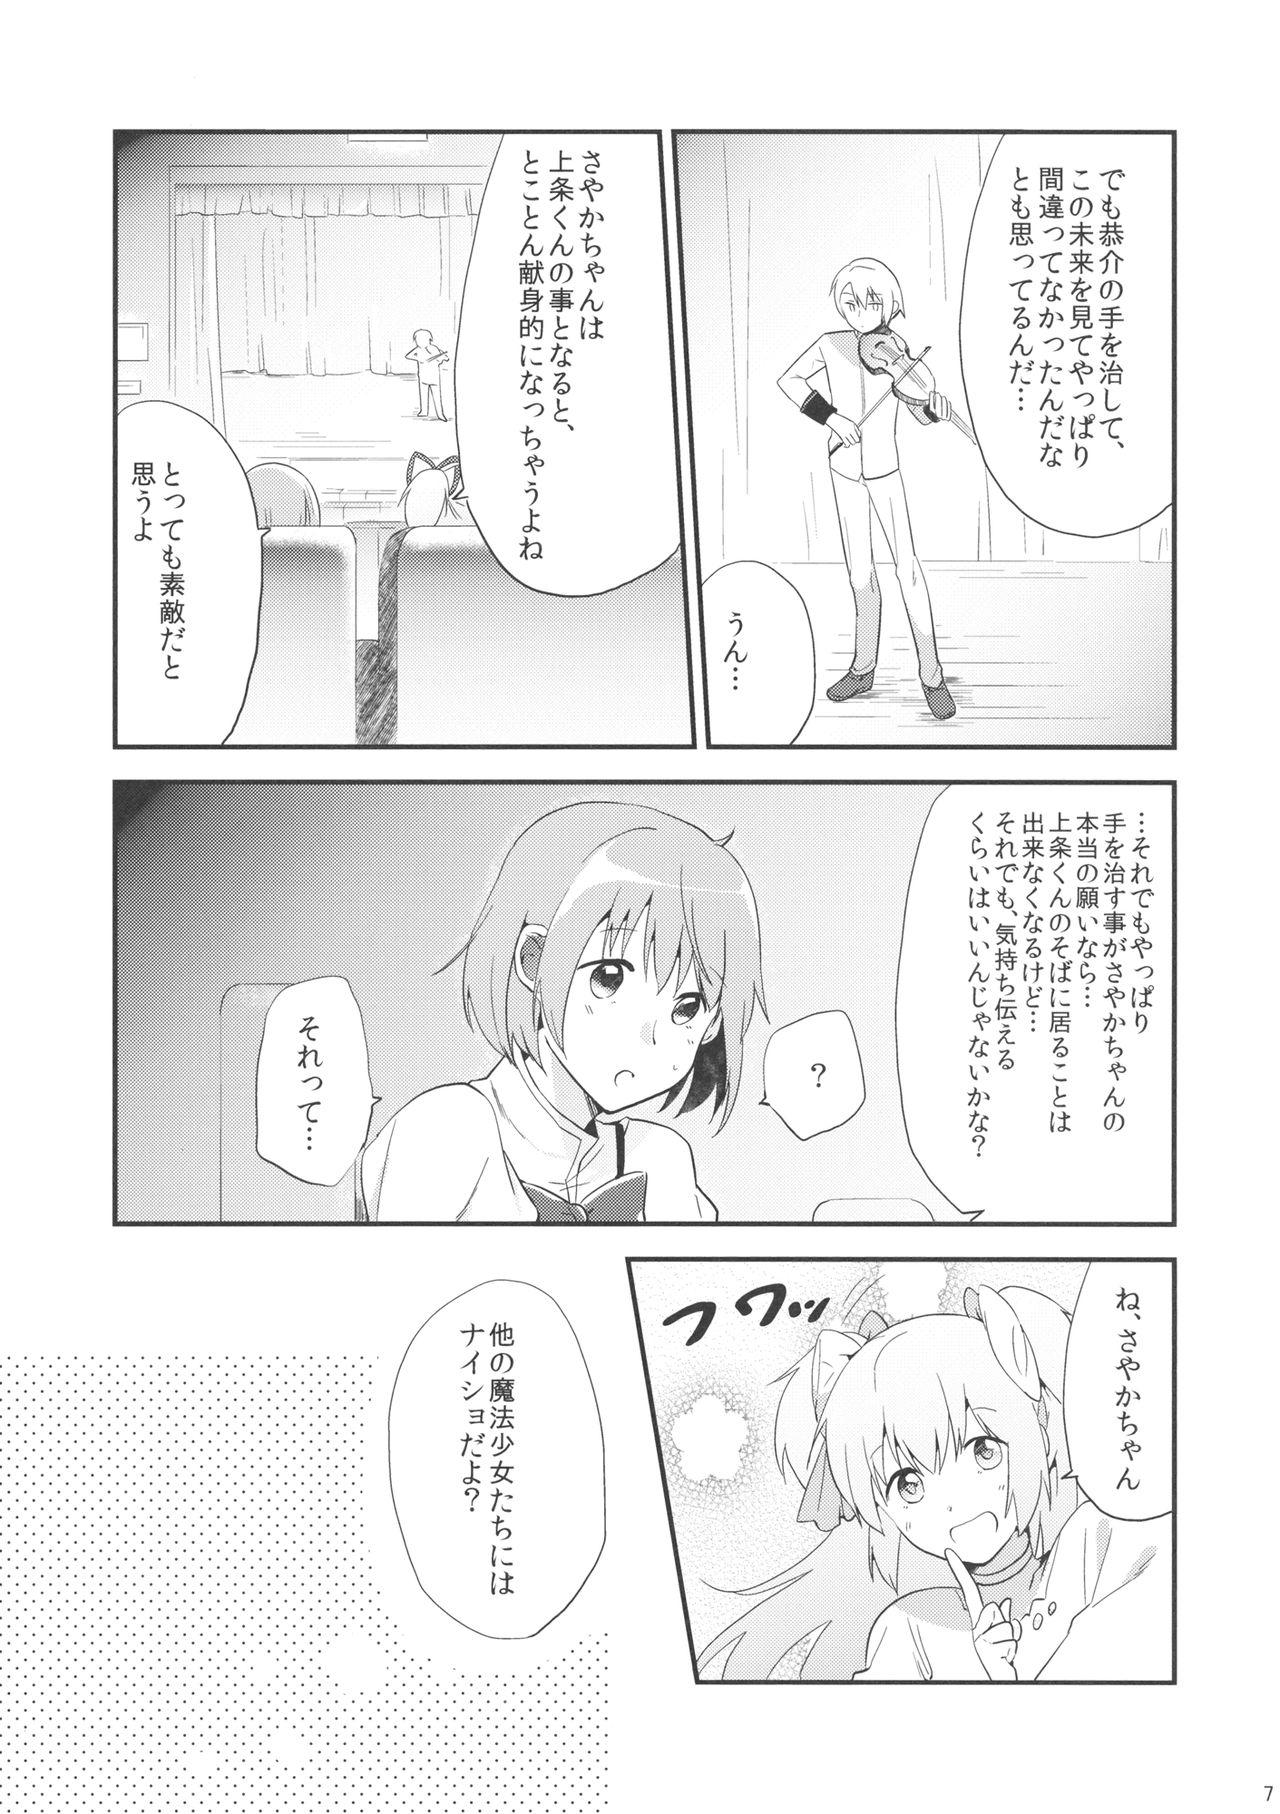 if Kanzenban 5